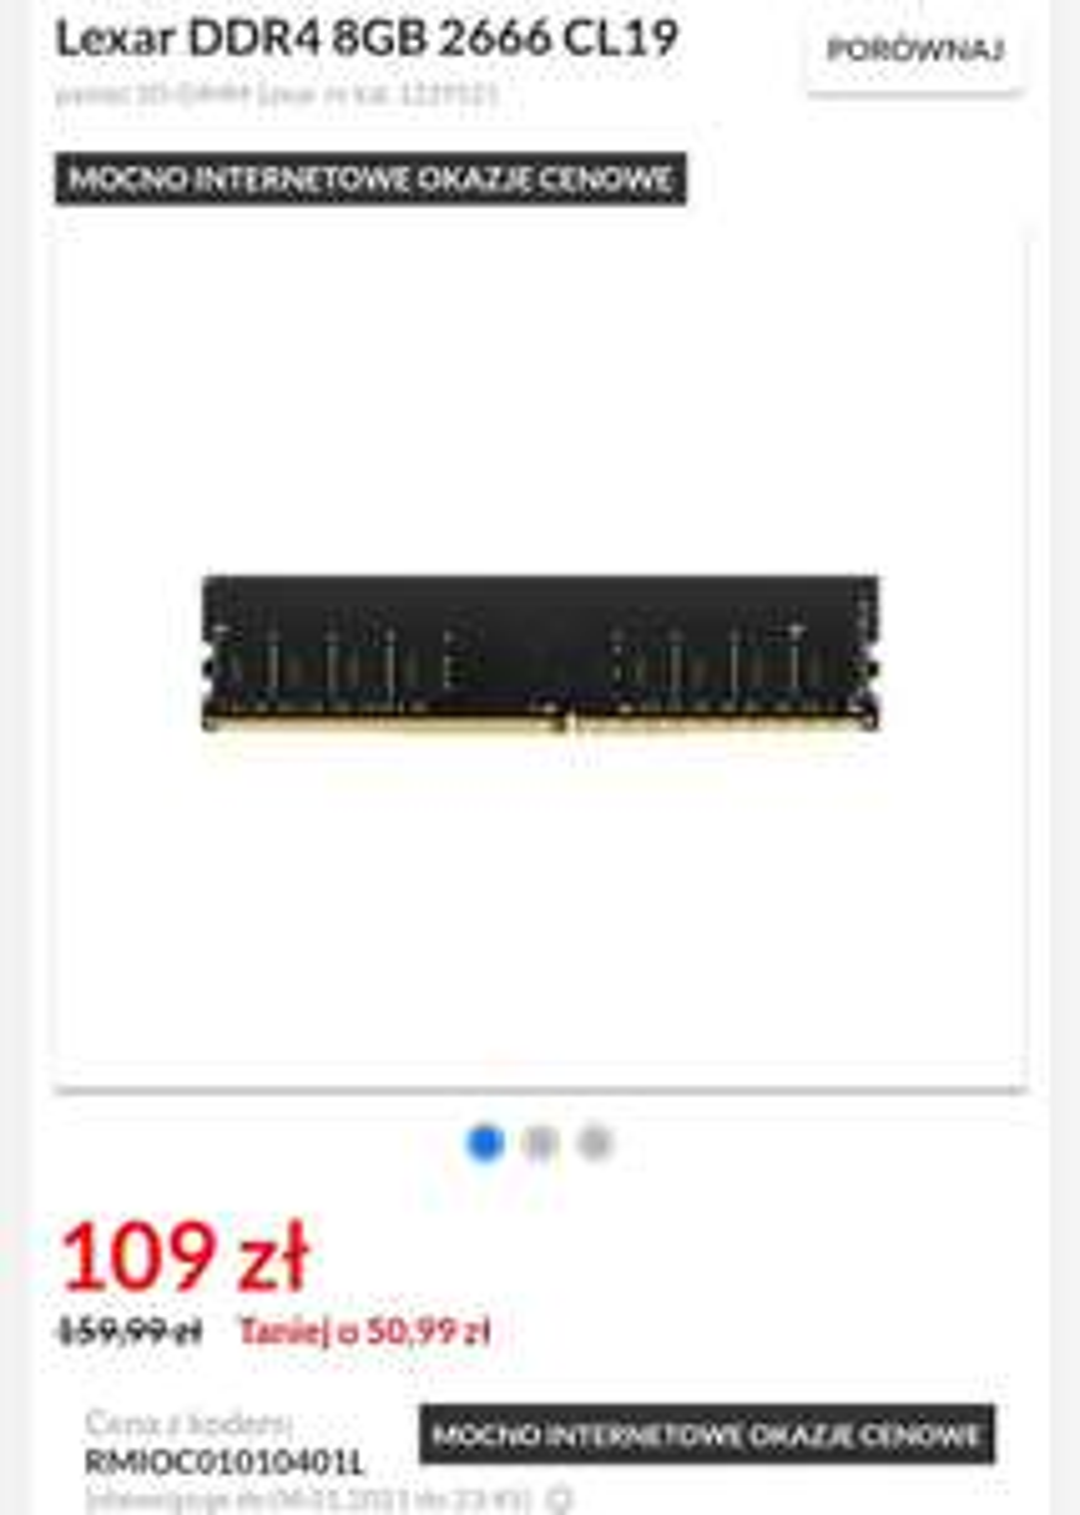 Pamięć RAM Lexar DDR4 8GB 2666 CL19